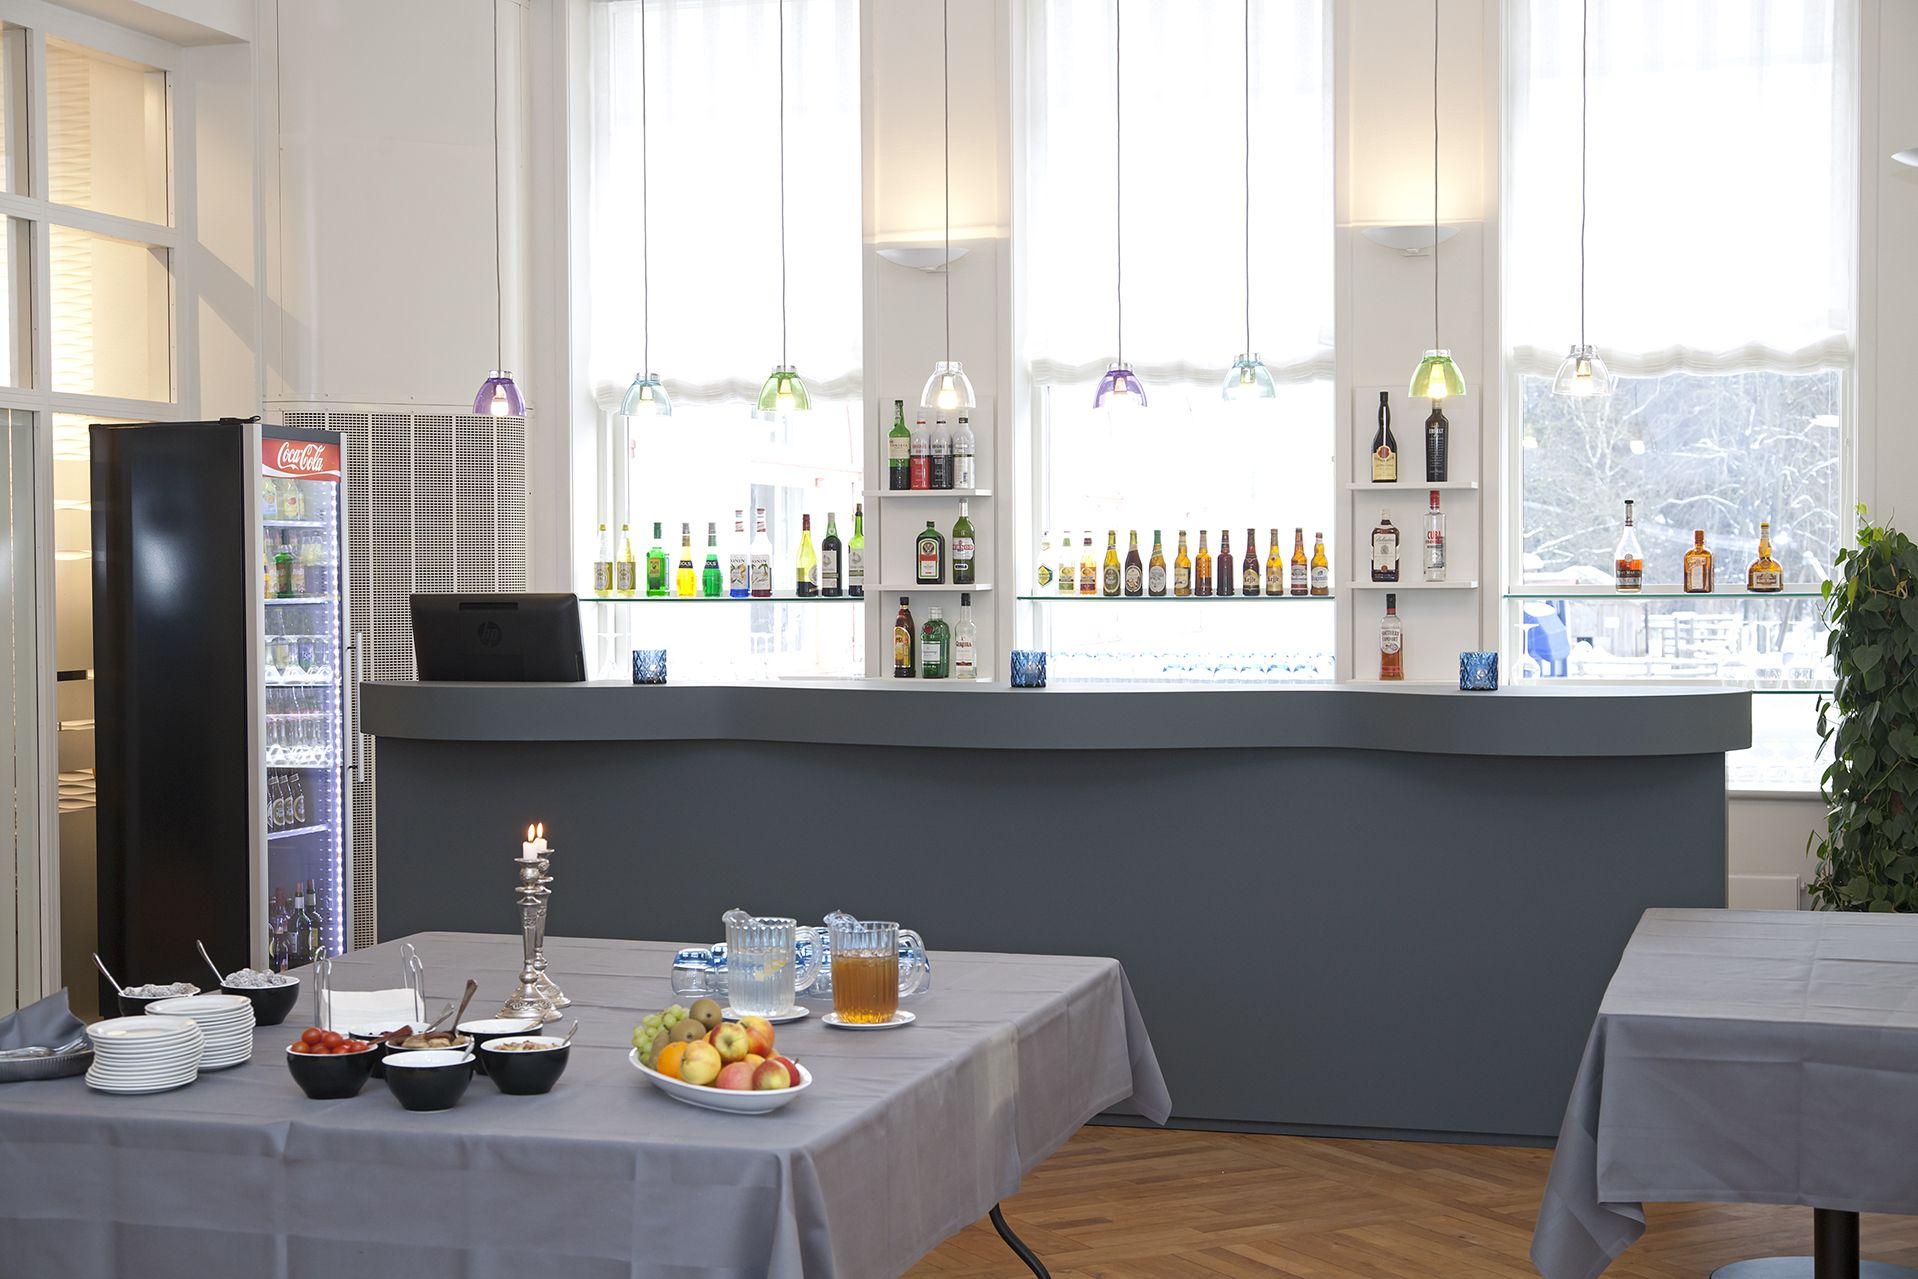 vejlsoehus hotel and conferencecenter bar reception interir desktop furniture linoleum